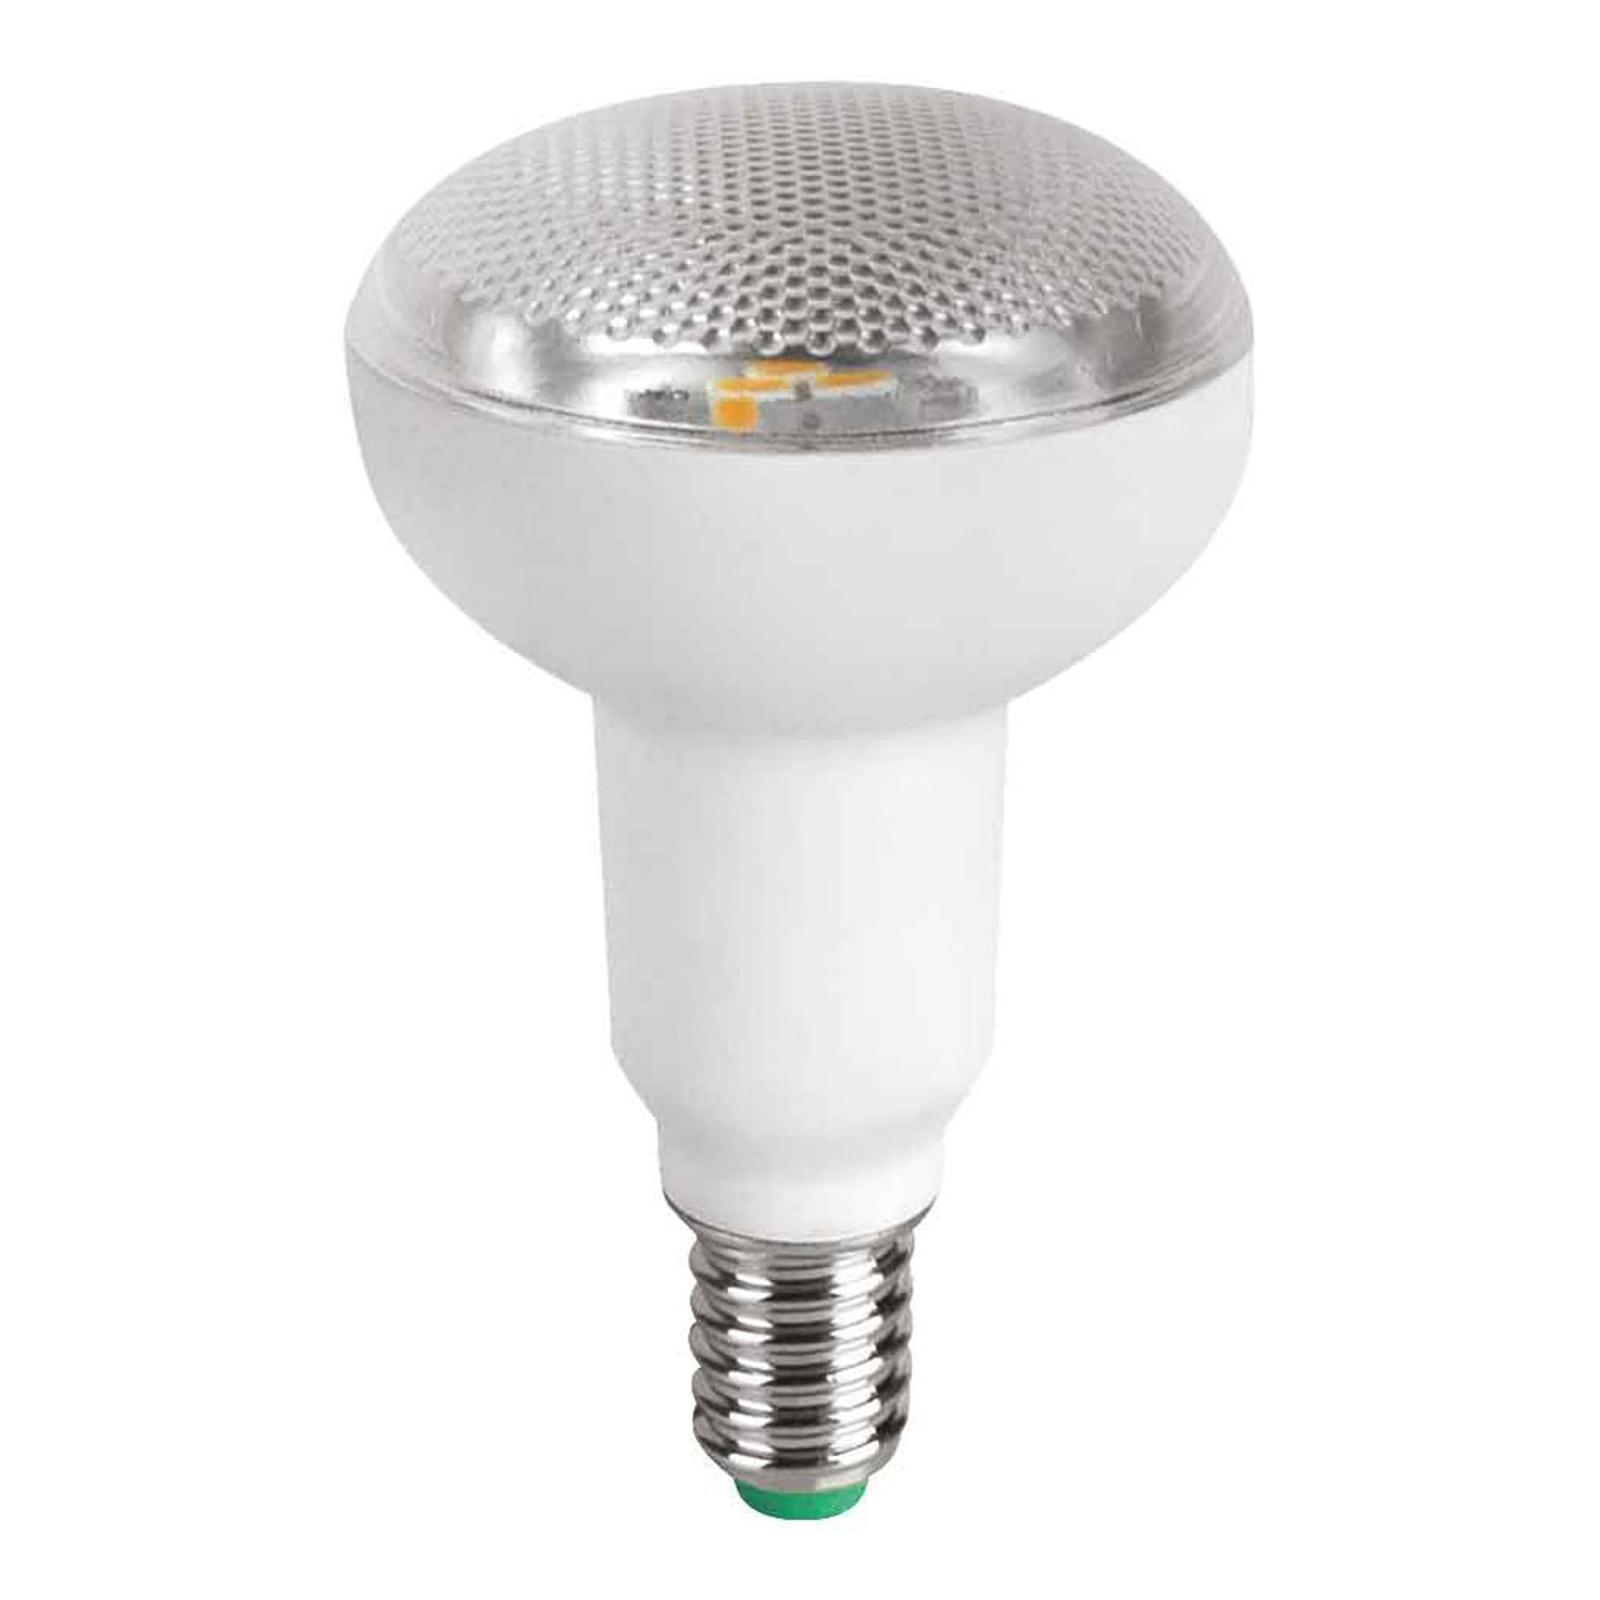 LED-Reflektor E14 R50 3,5W, warmweiß